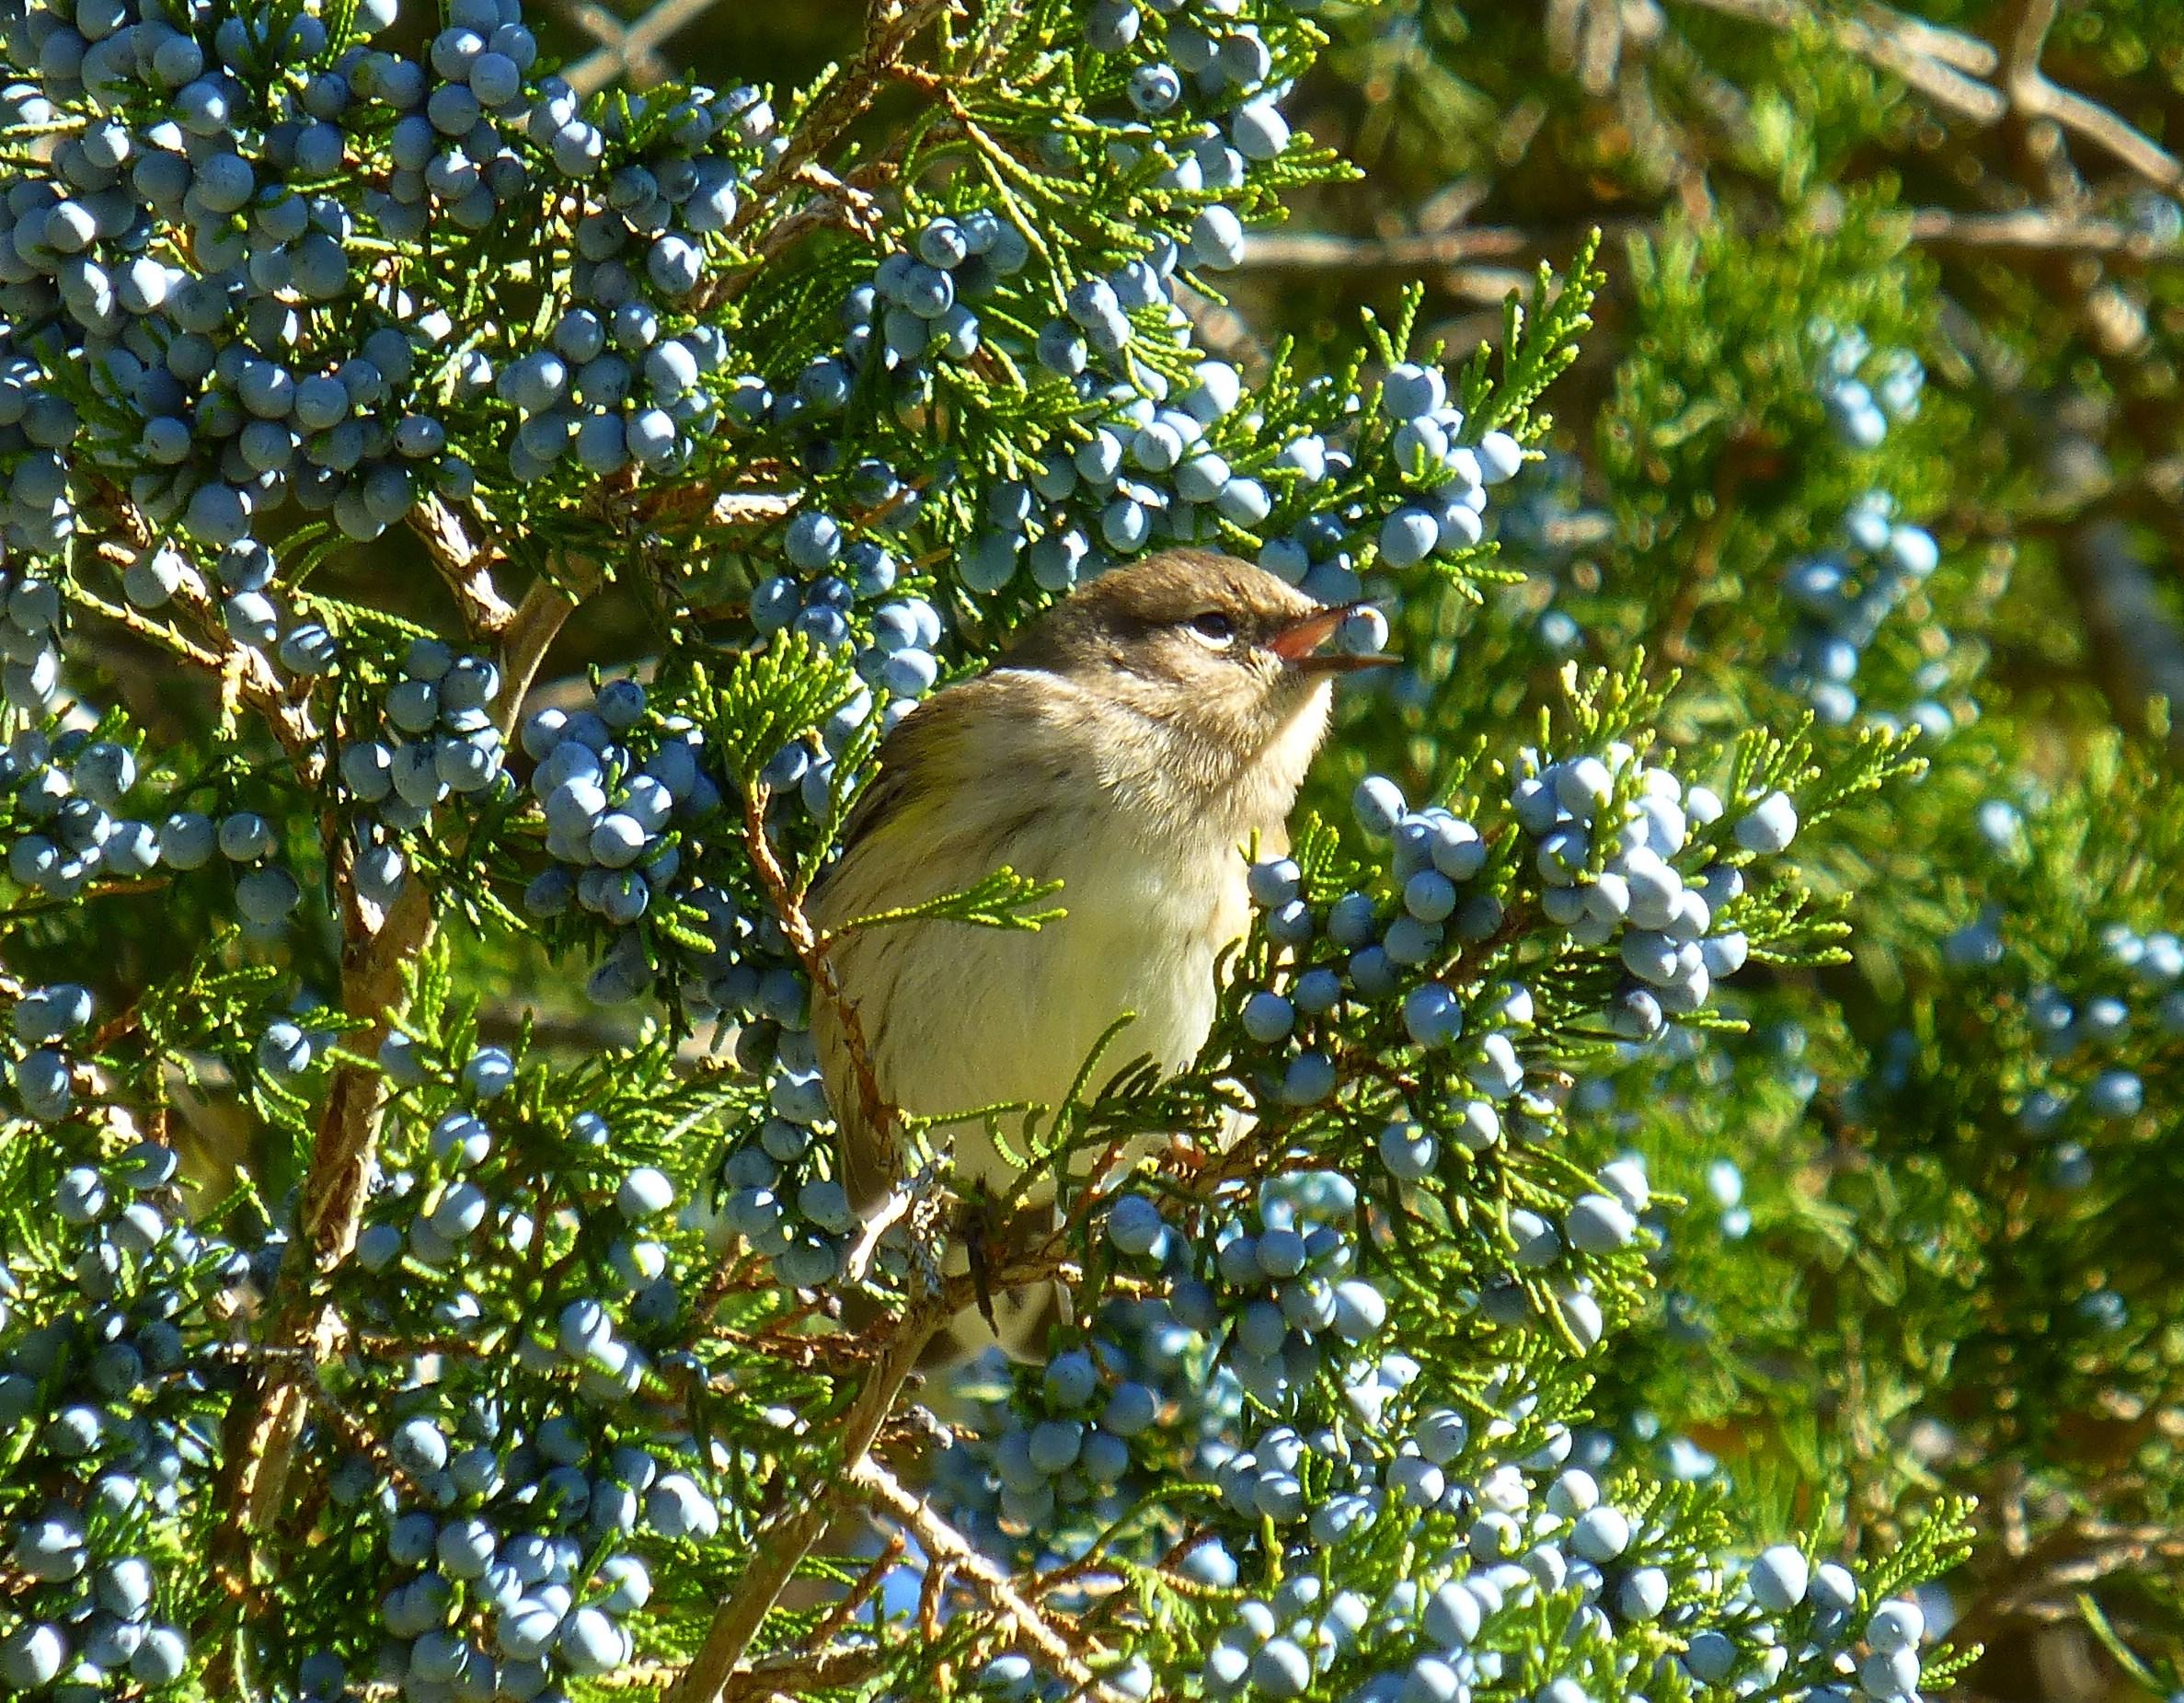 Autumn Leaves, Birds and Fruits | Uconnladybug\'s Blog